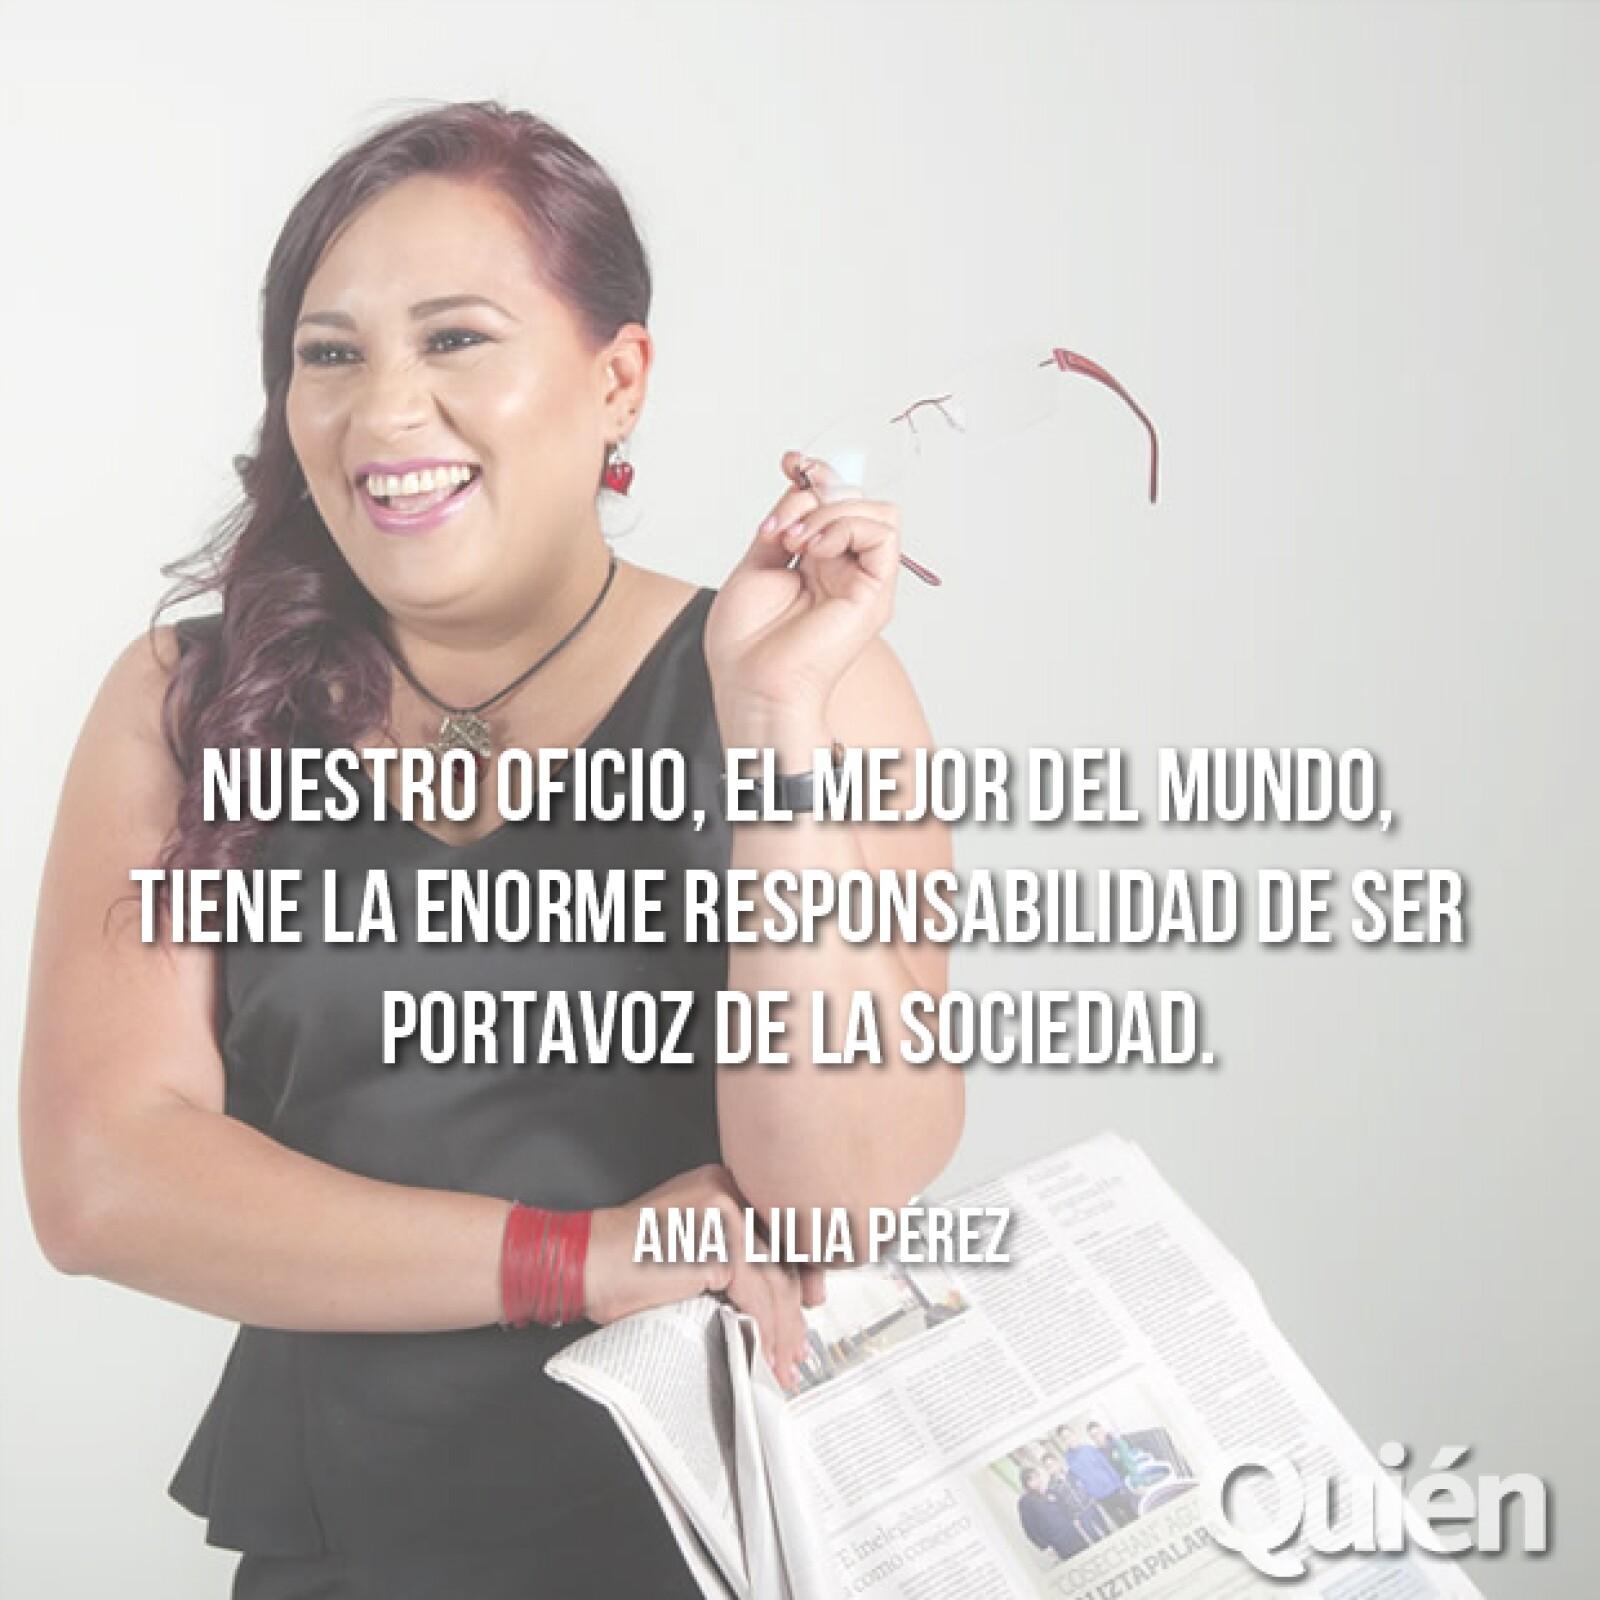 Ana Lilia Pérez, periodista y escritora. Mares de cocaína sacudió a la FIL 2014 y está en varias listas de best sellers.